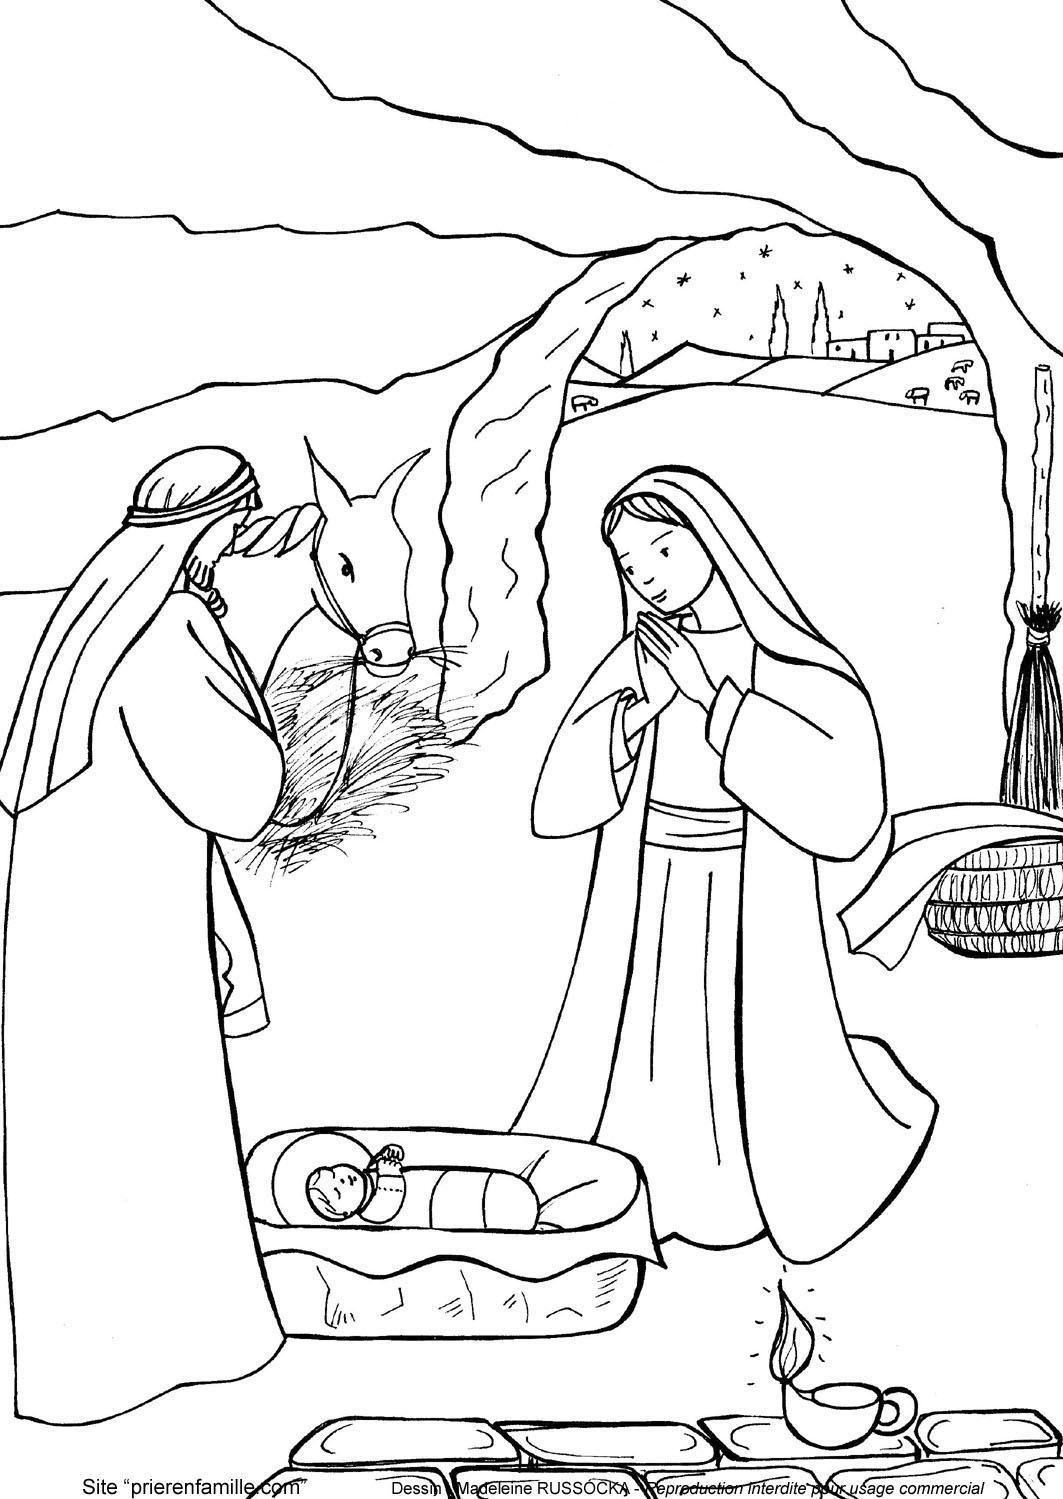 Vnd/09 - Naissance De Jésus Dans Une Étable (Dessin intérieur Creche De Noel Coloriage